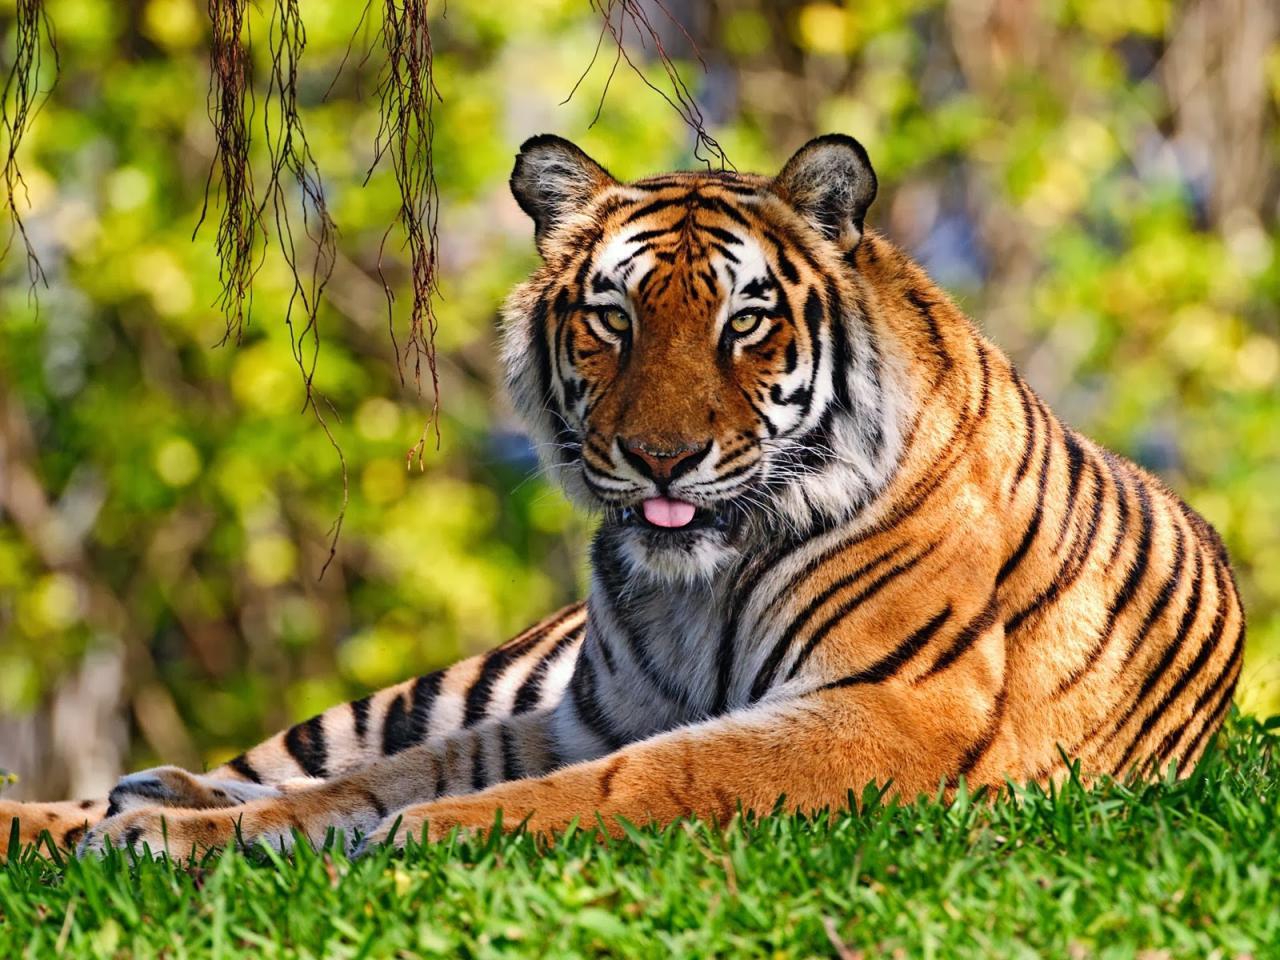 بالصور صور حيوانات حلوة , انواع الحيوانات المختلفة حول العالم 13010